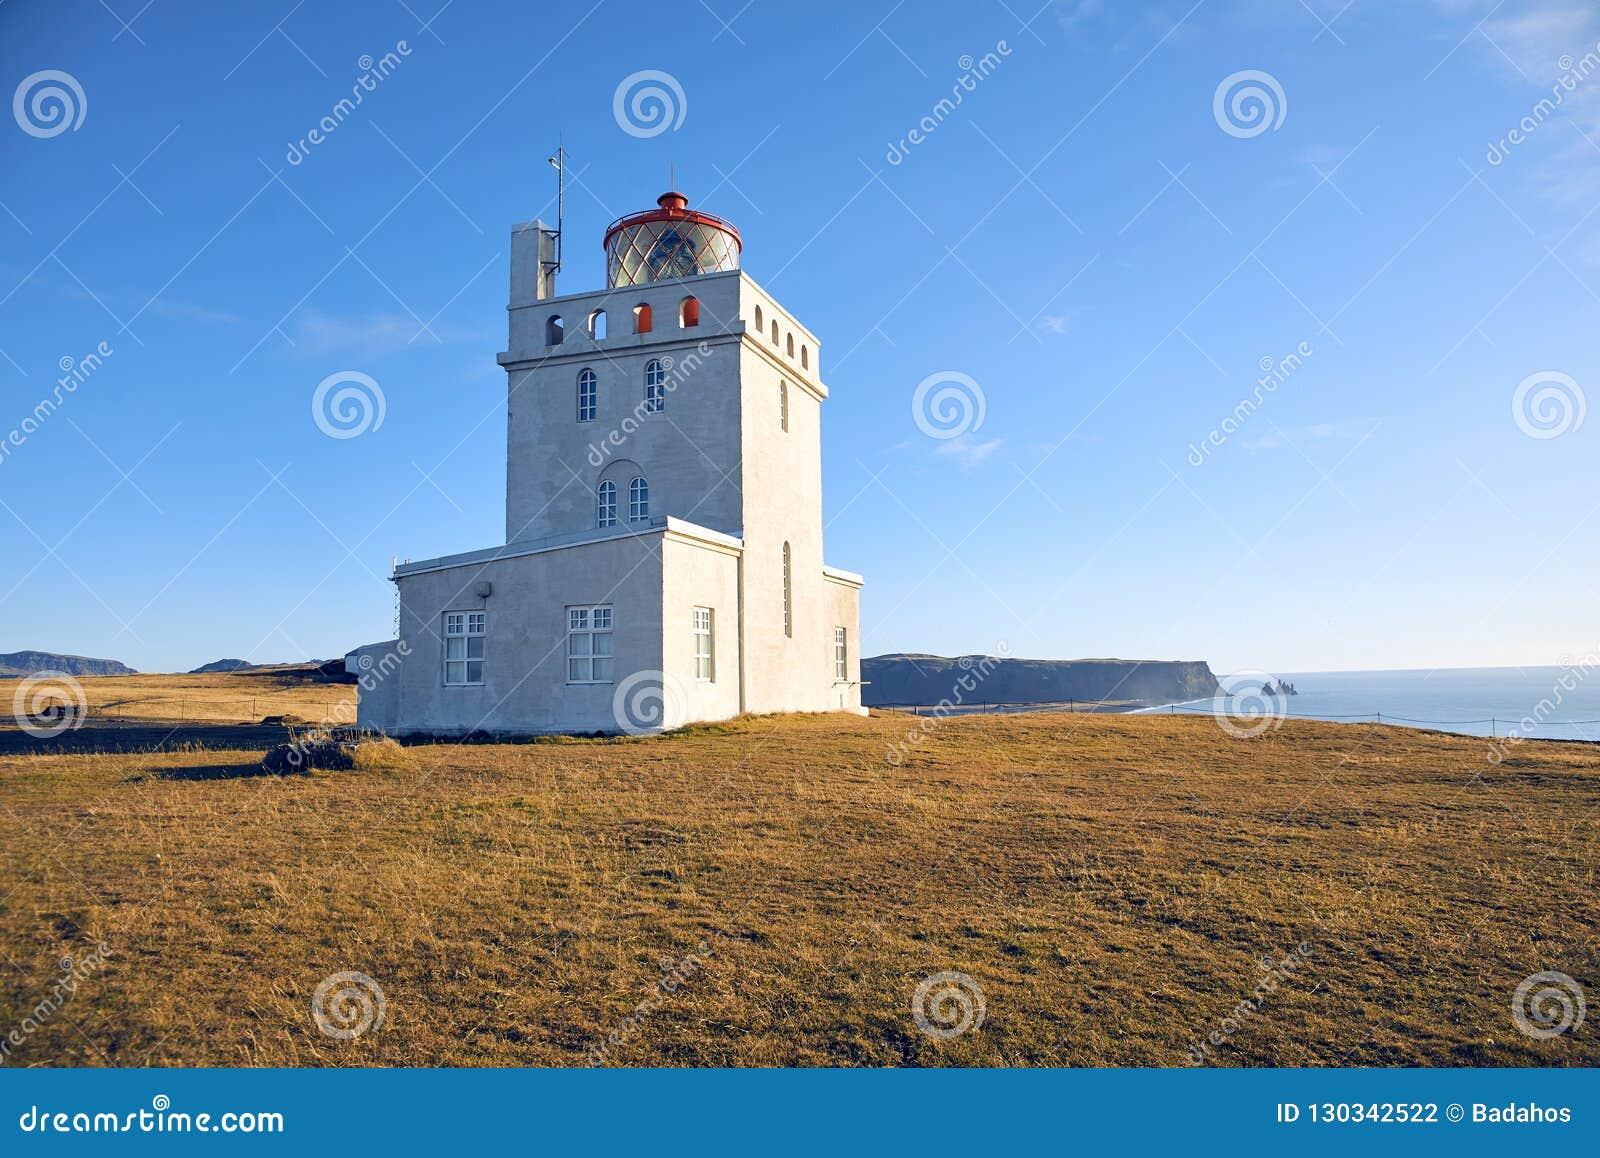 The Dyrholaey lighthouse